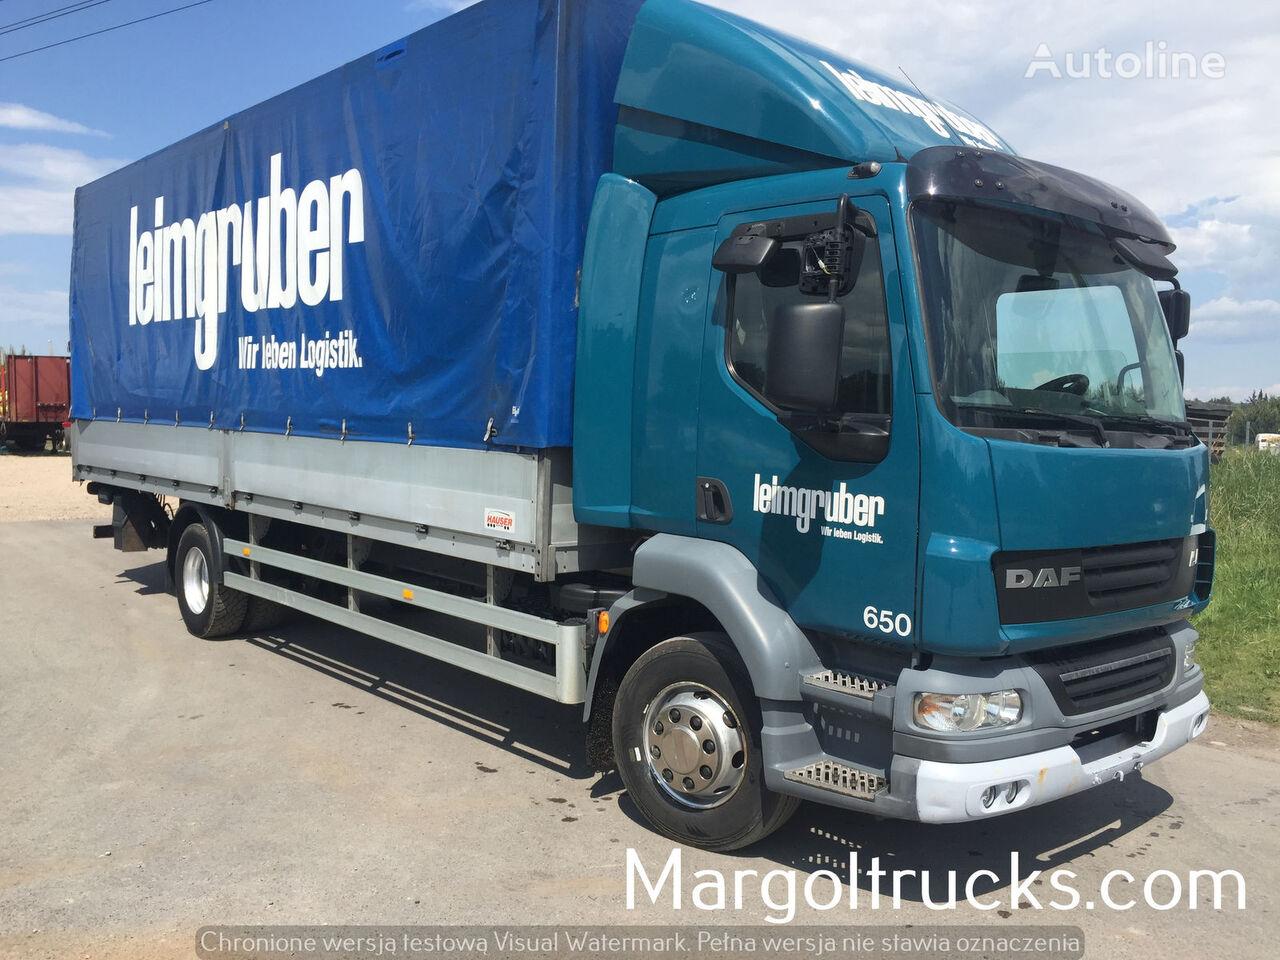 Venta de camiones toldos daf lf 55 250 burta plandeka for Toldos para camiones